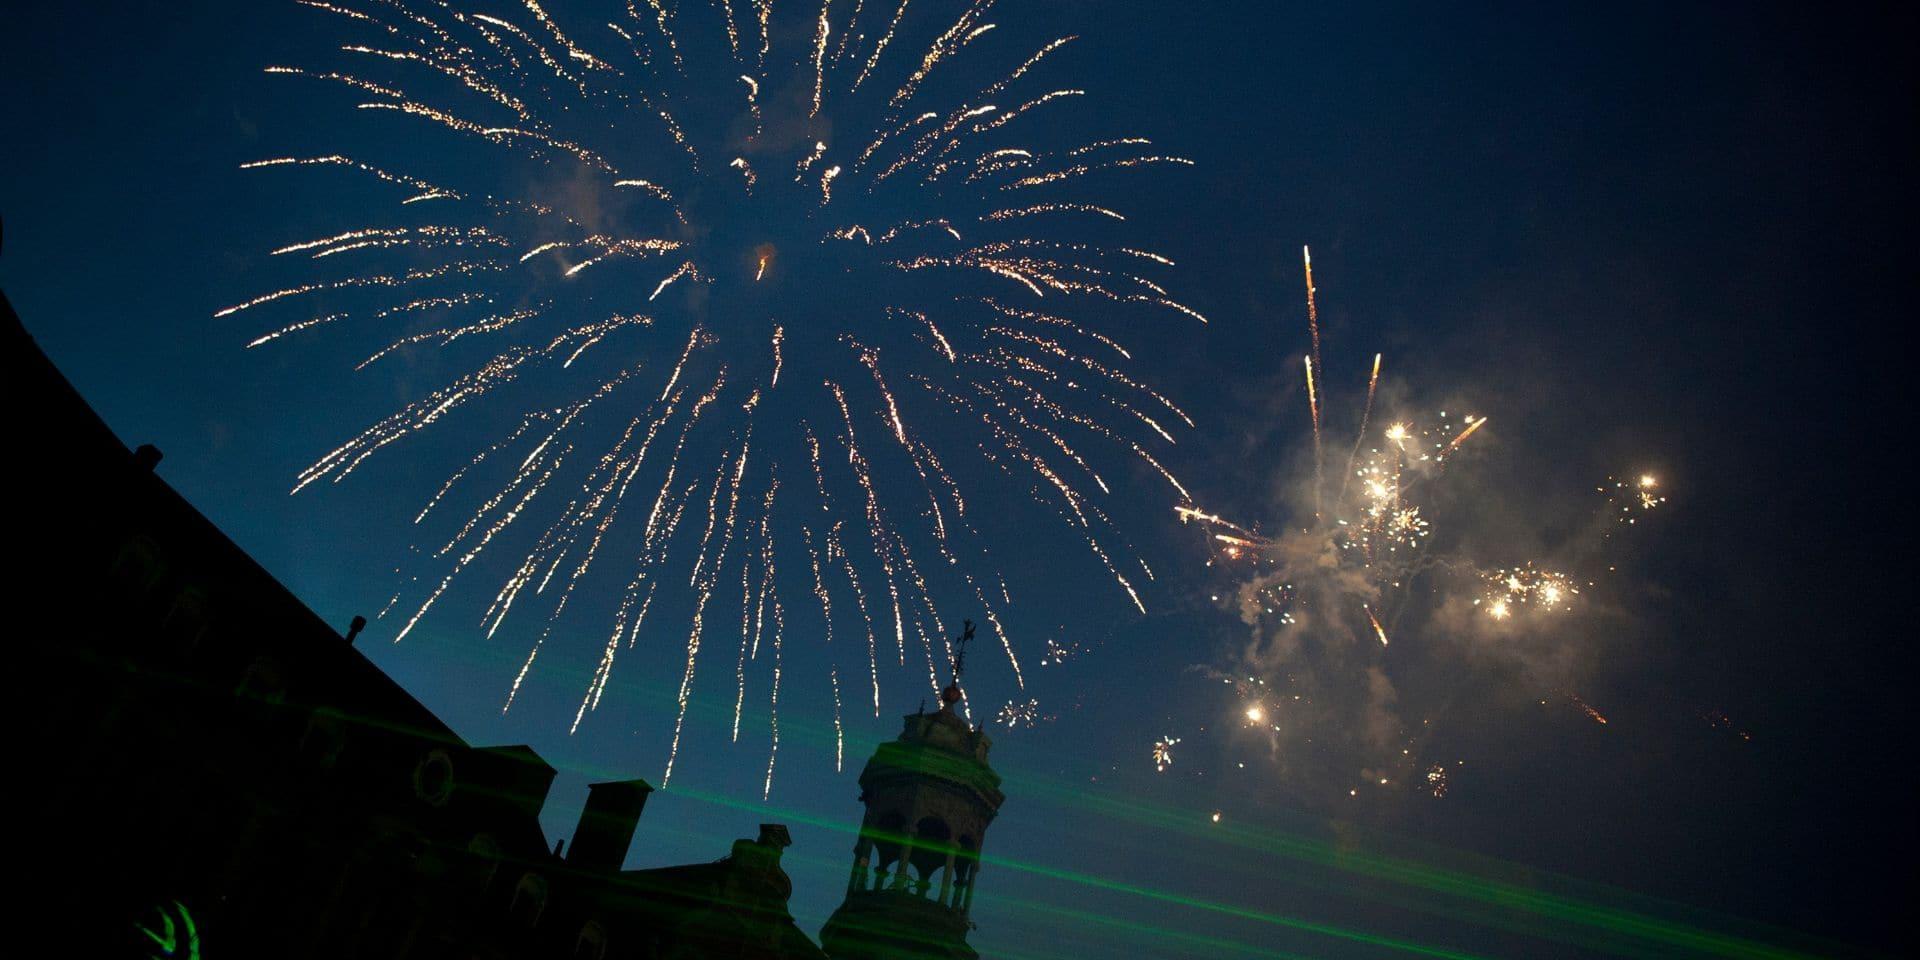 Décompte et feu d'artifice: la Ville de Mons va marquer le passage à l'an neuf